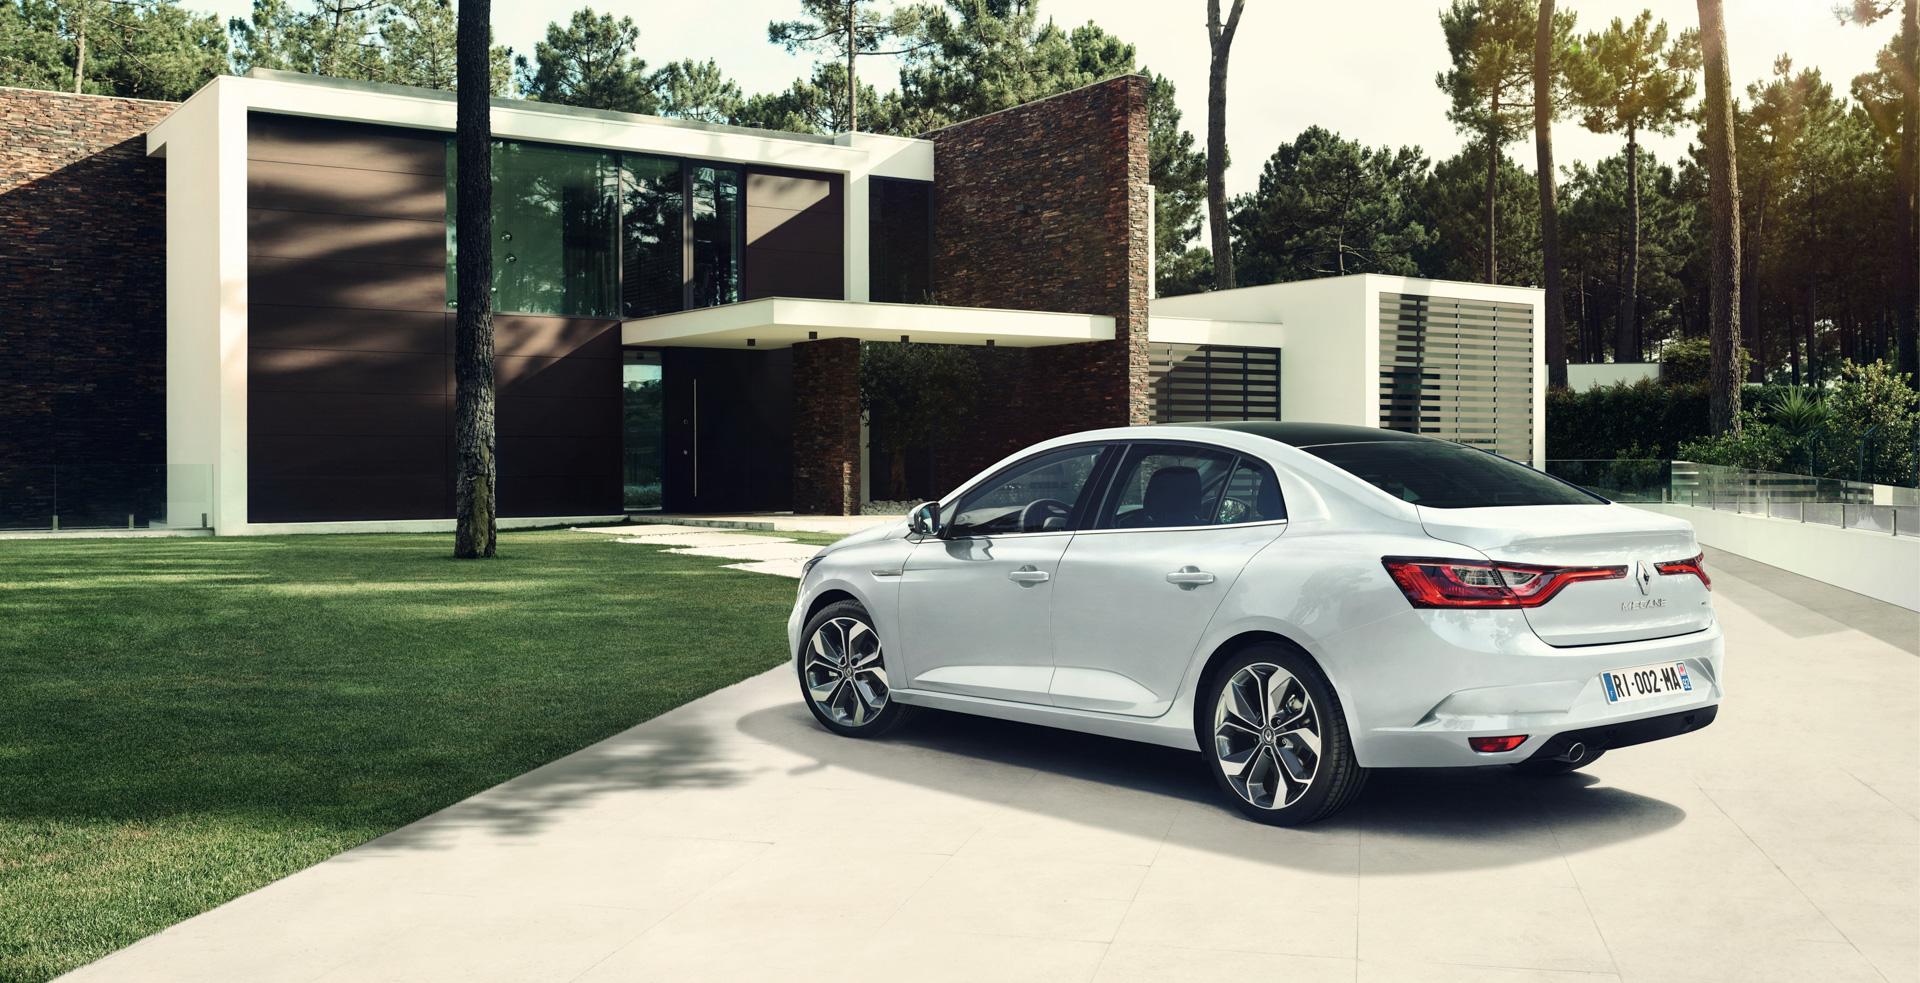 Пять фактов оновом седане Renault. Фото 2